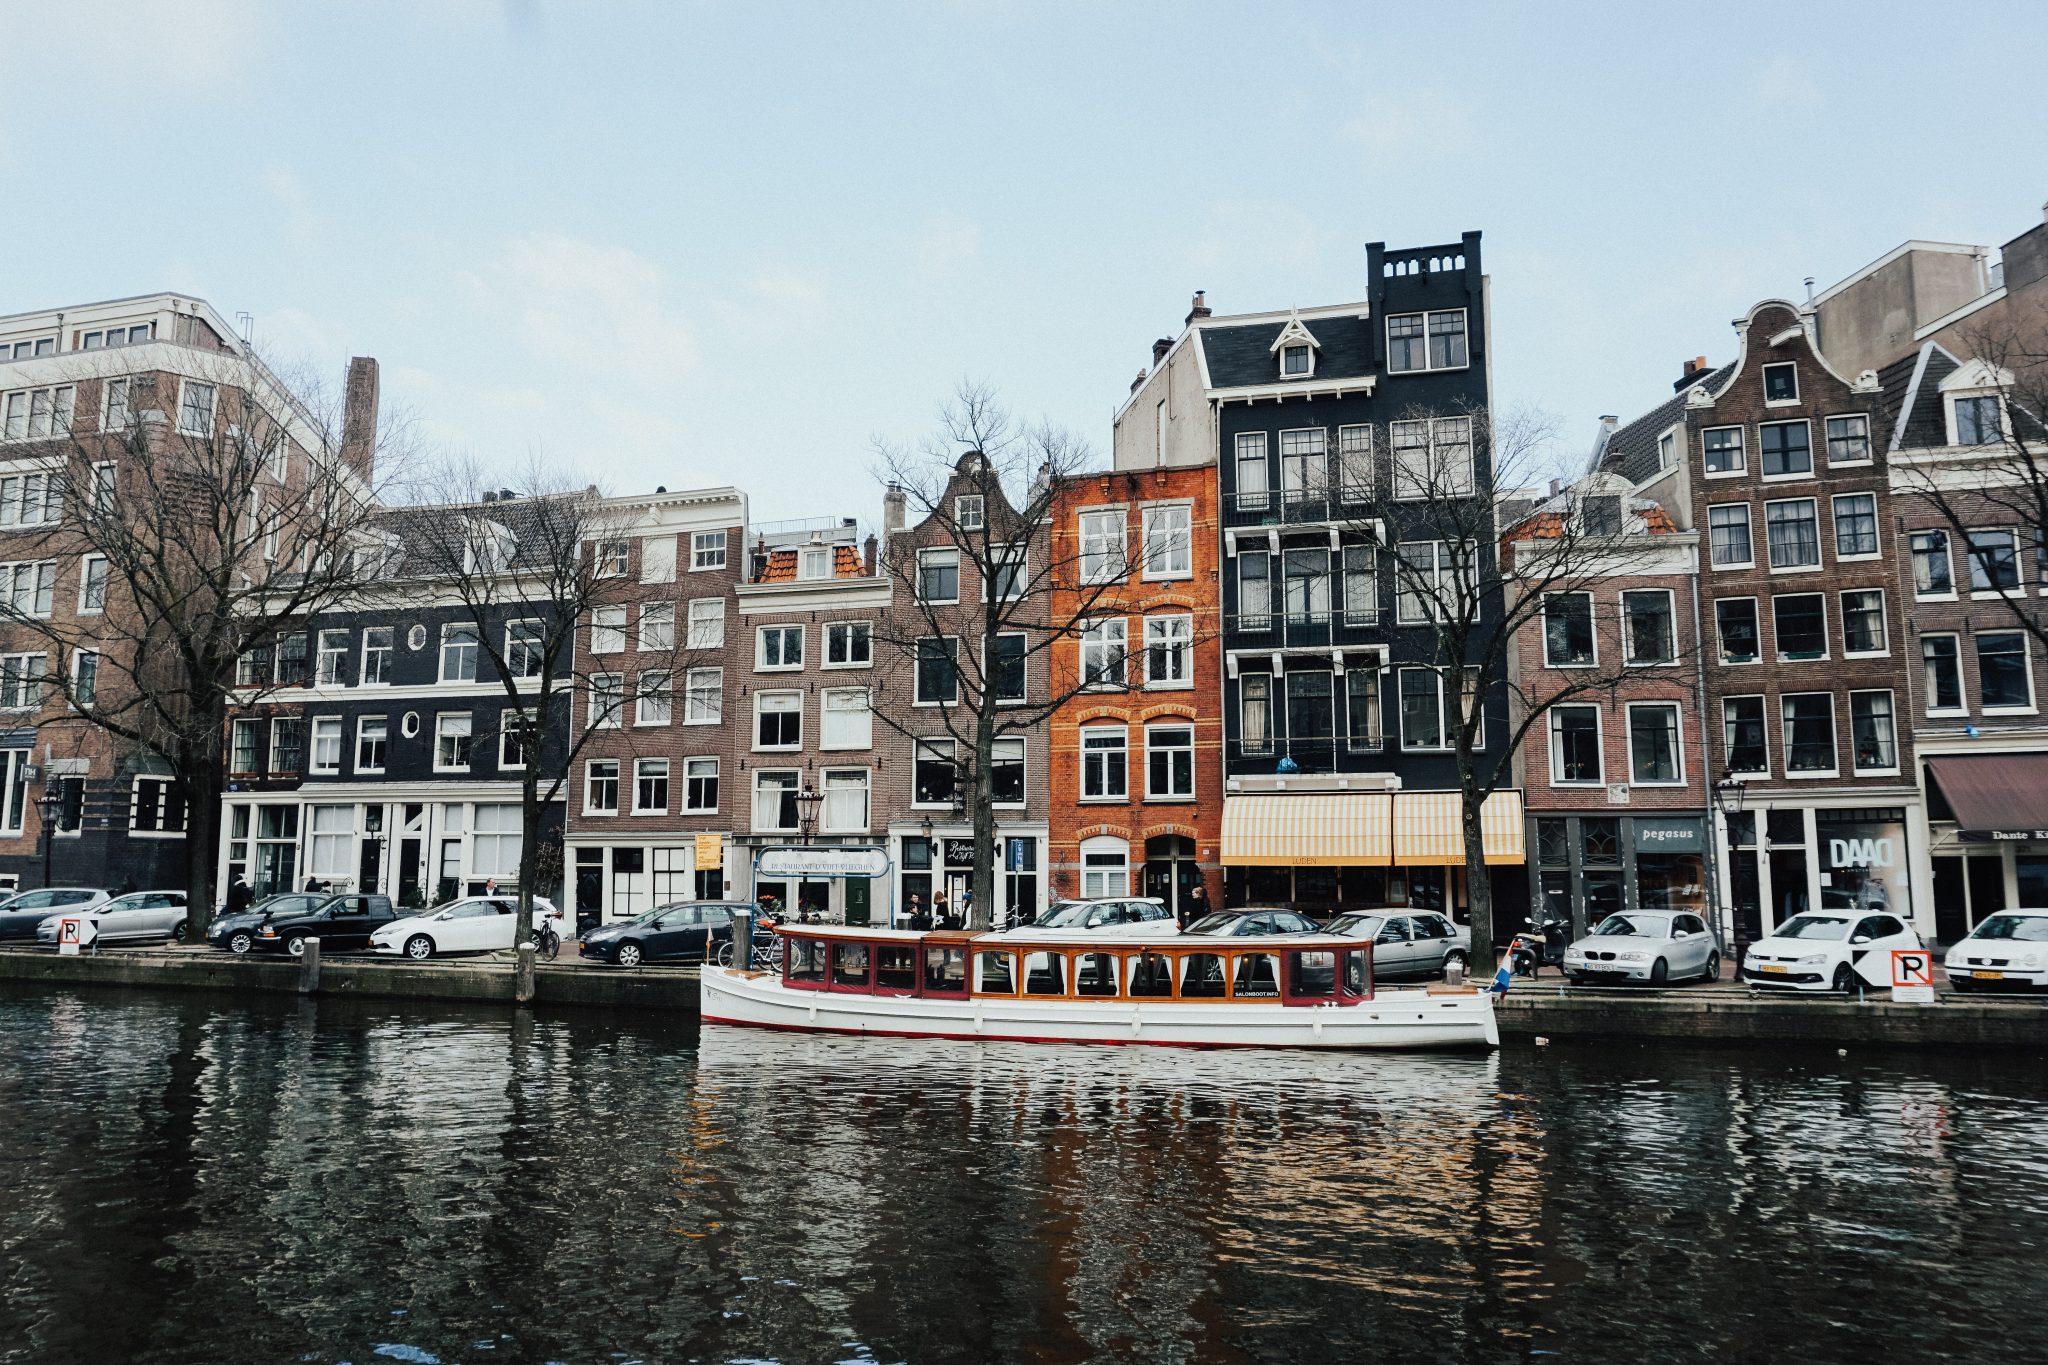 amsterdam-architectural-architecture-1258865